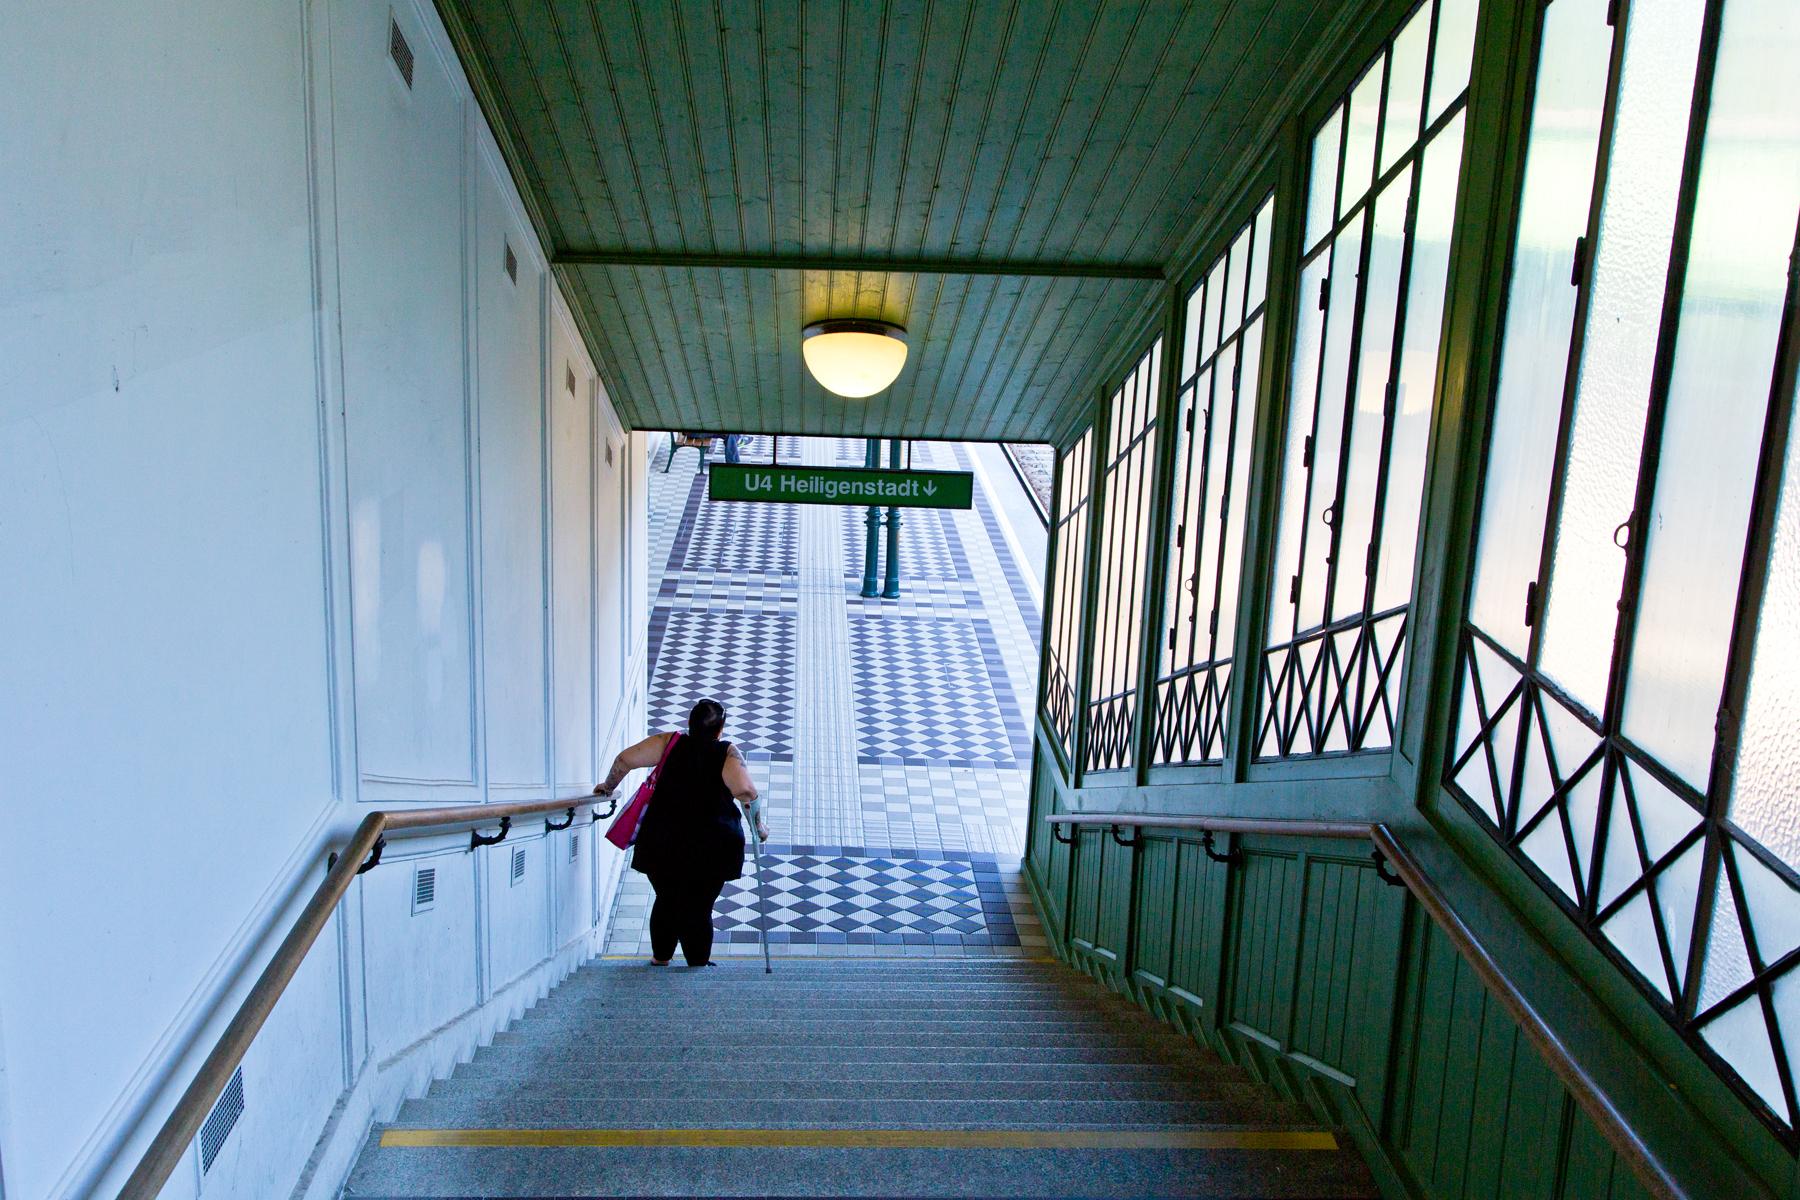 U-Bahnstation, Wien